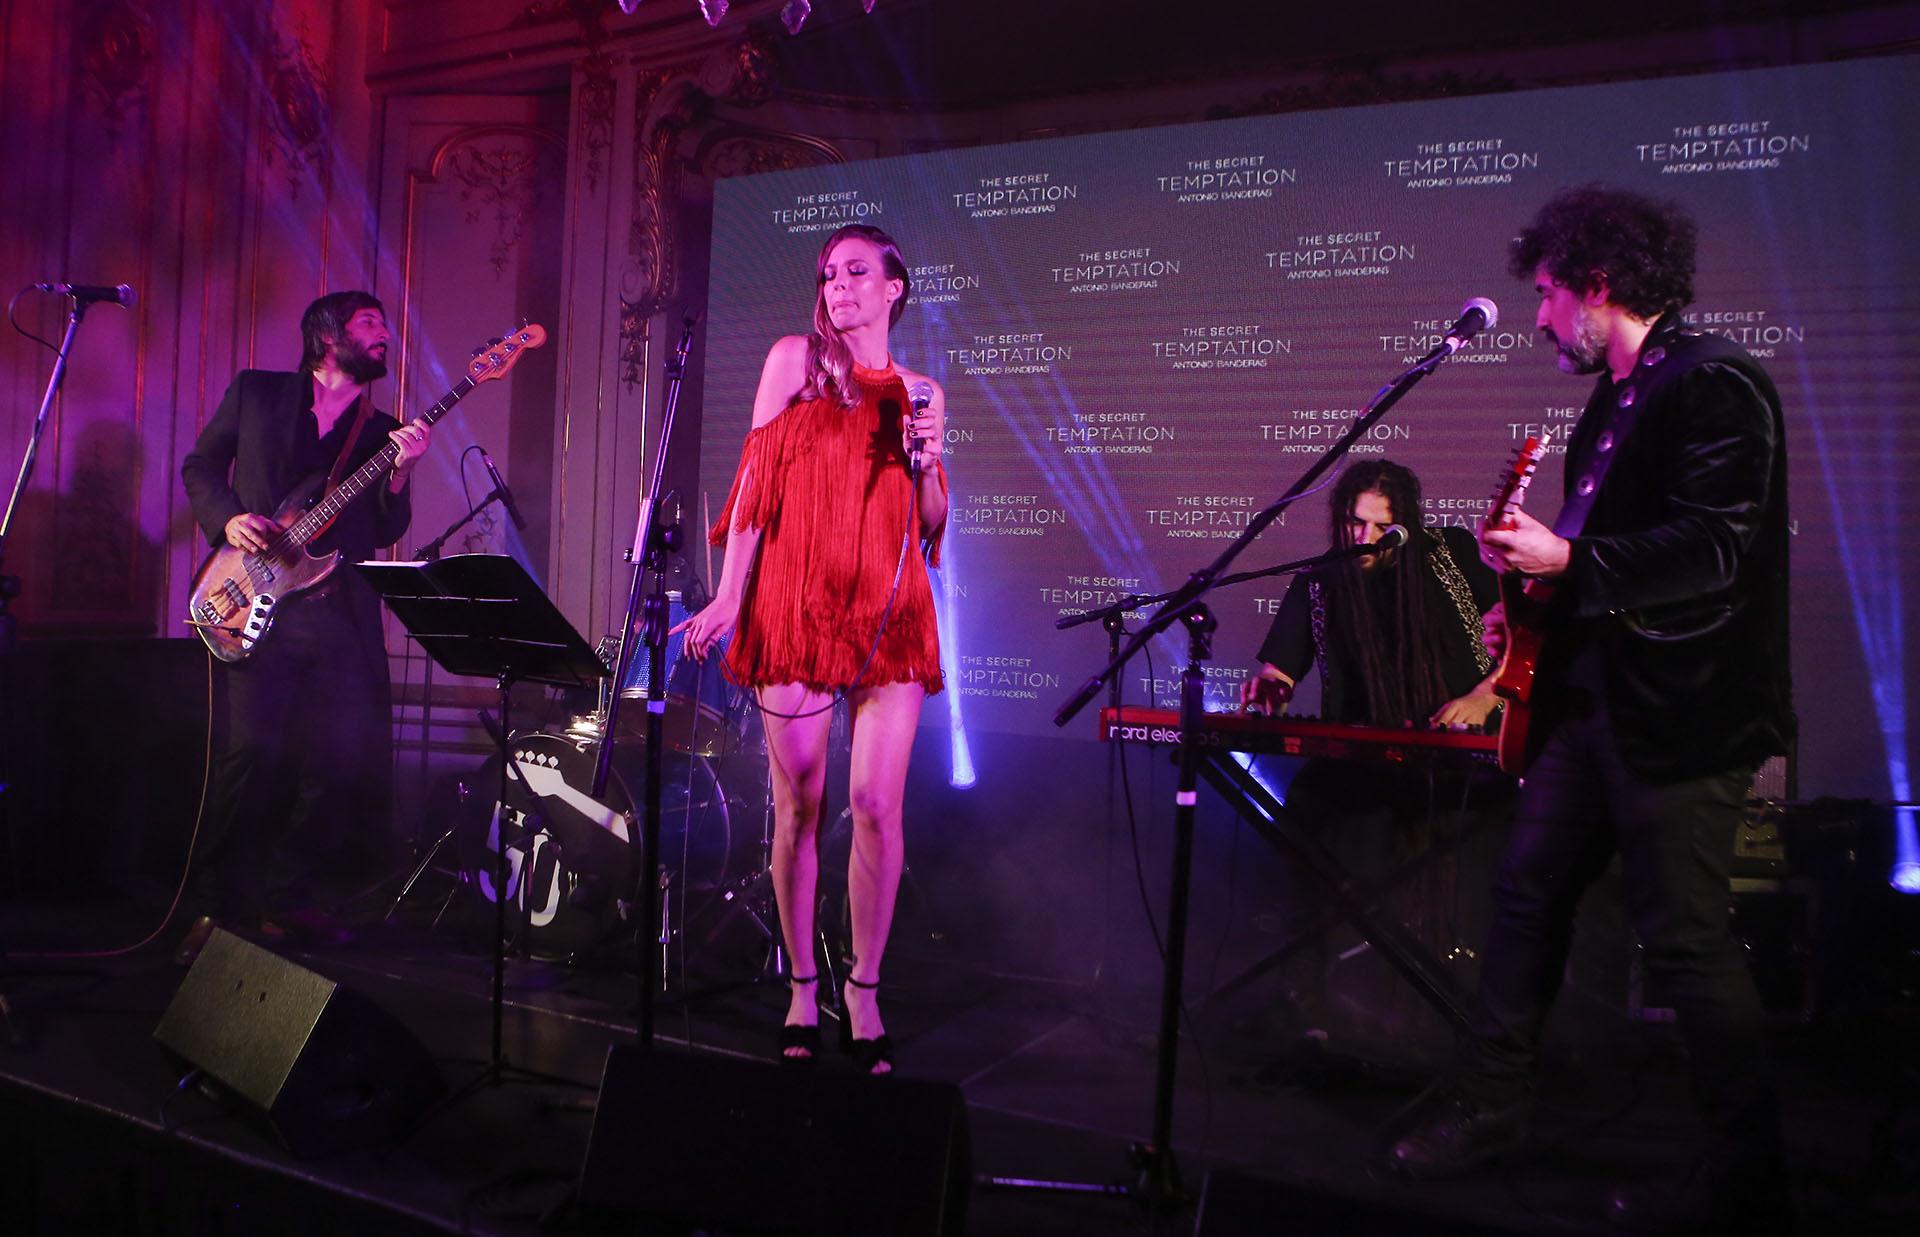 Para coronar la noche, Geraldine Neumann realizó un show en vivo con un repertorio inspirado en el espíritu de las nuevas fragancias, un encuentro de seducción y deseo